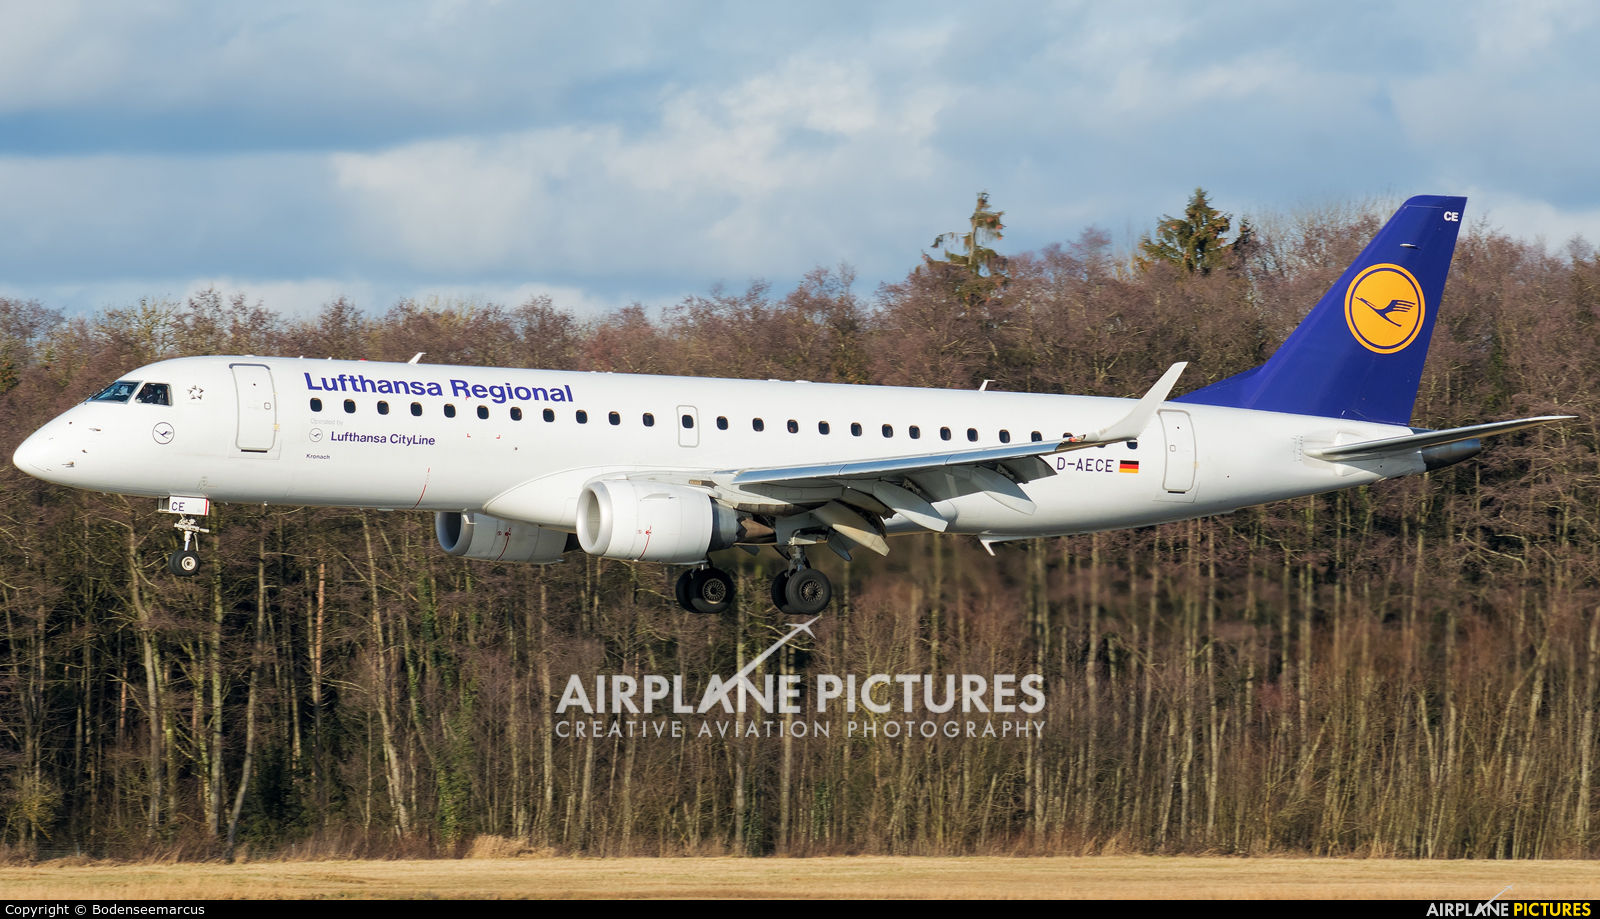 Lufthansa Regional - CityLine D-AECE aircraft at Friedrichshafen